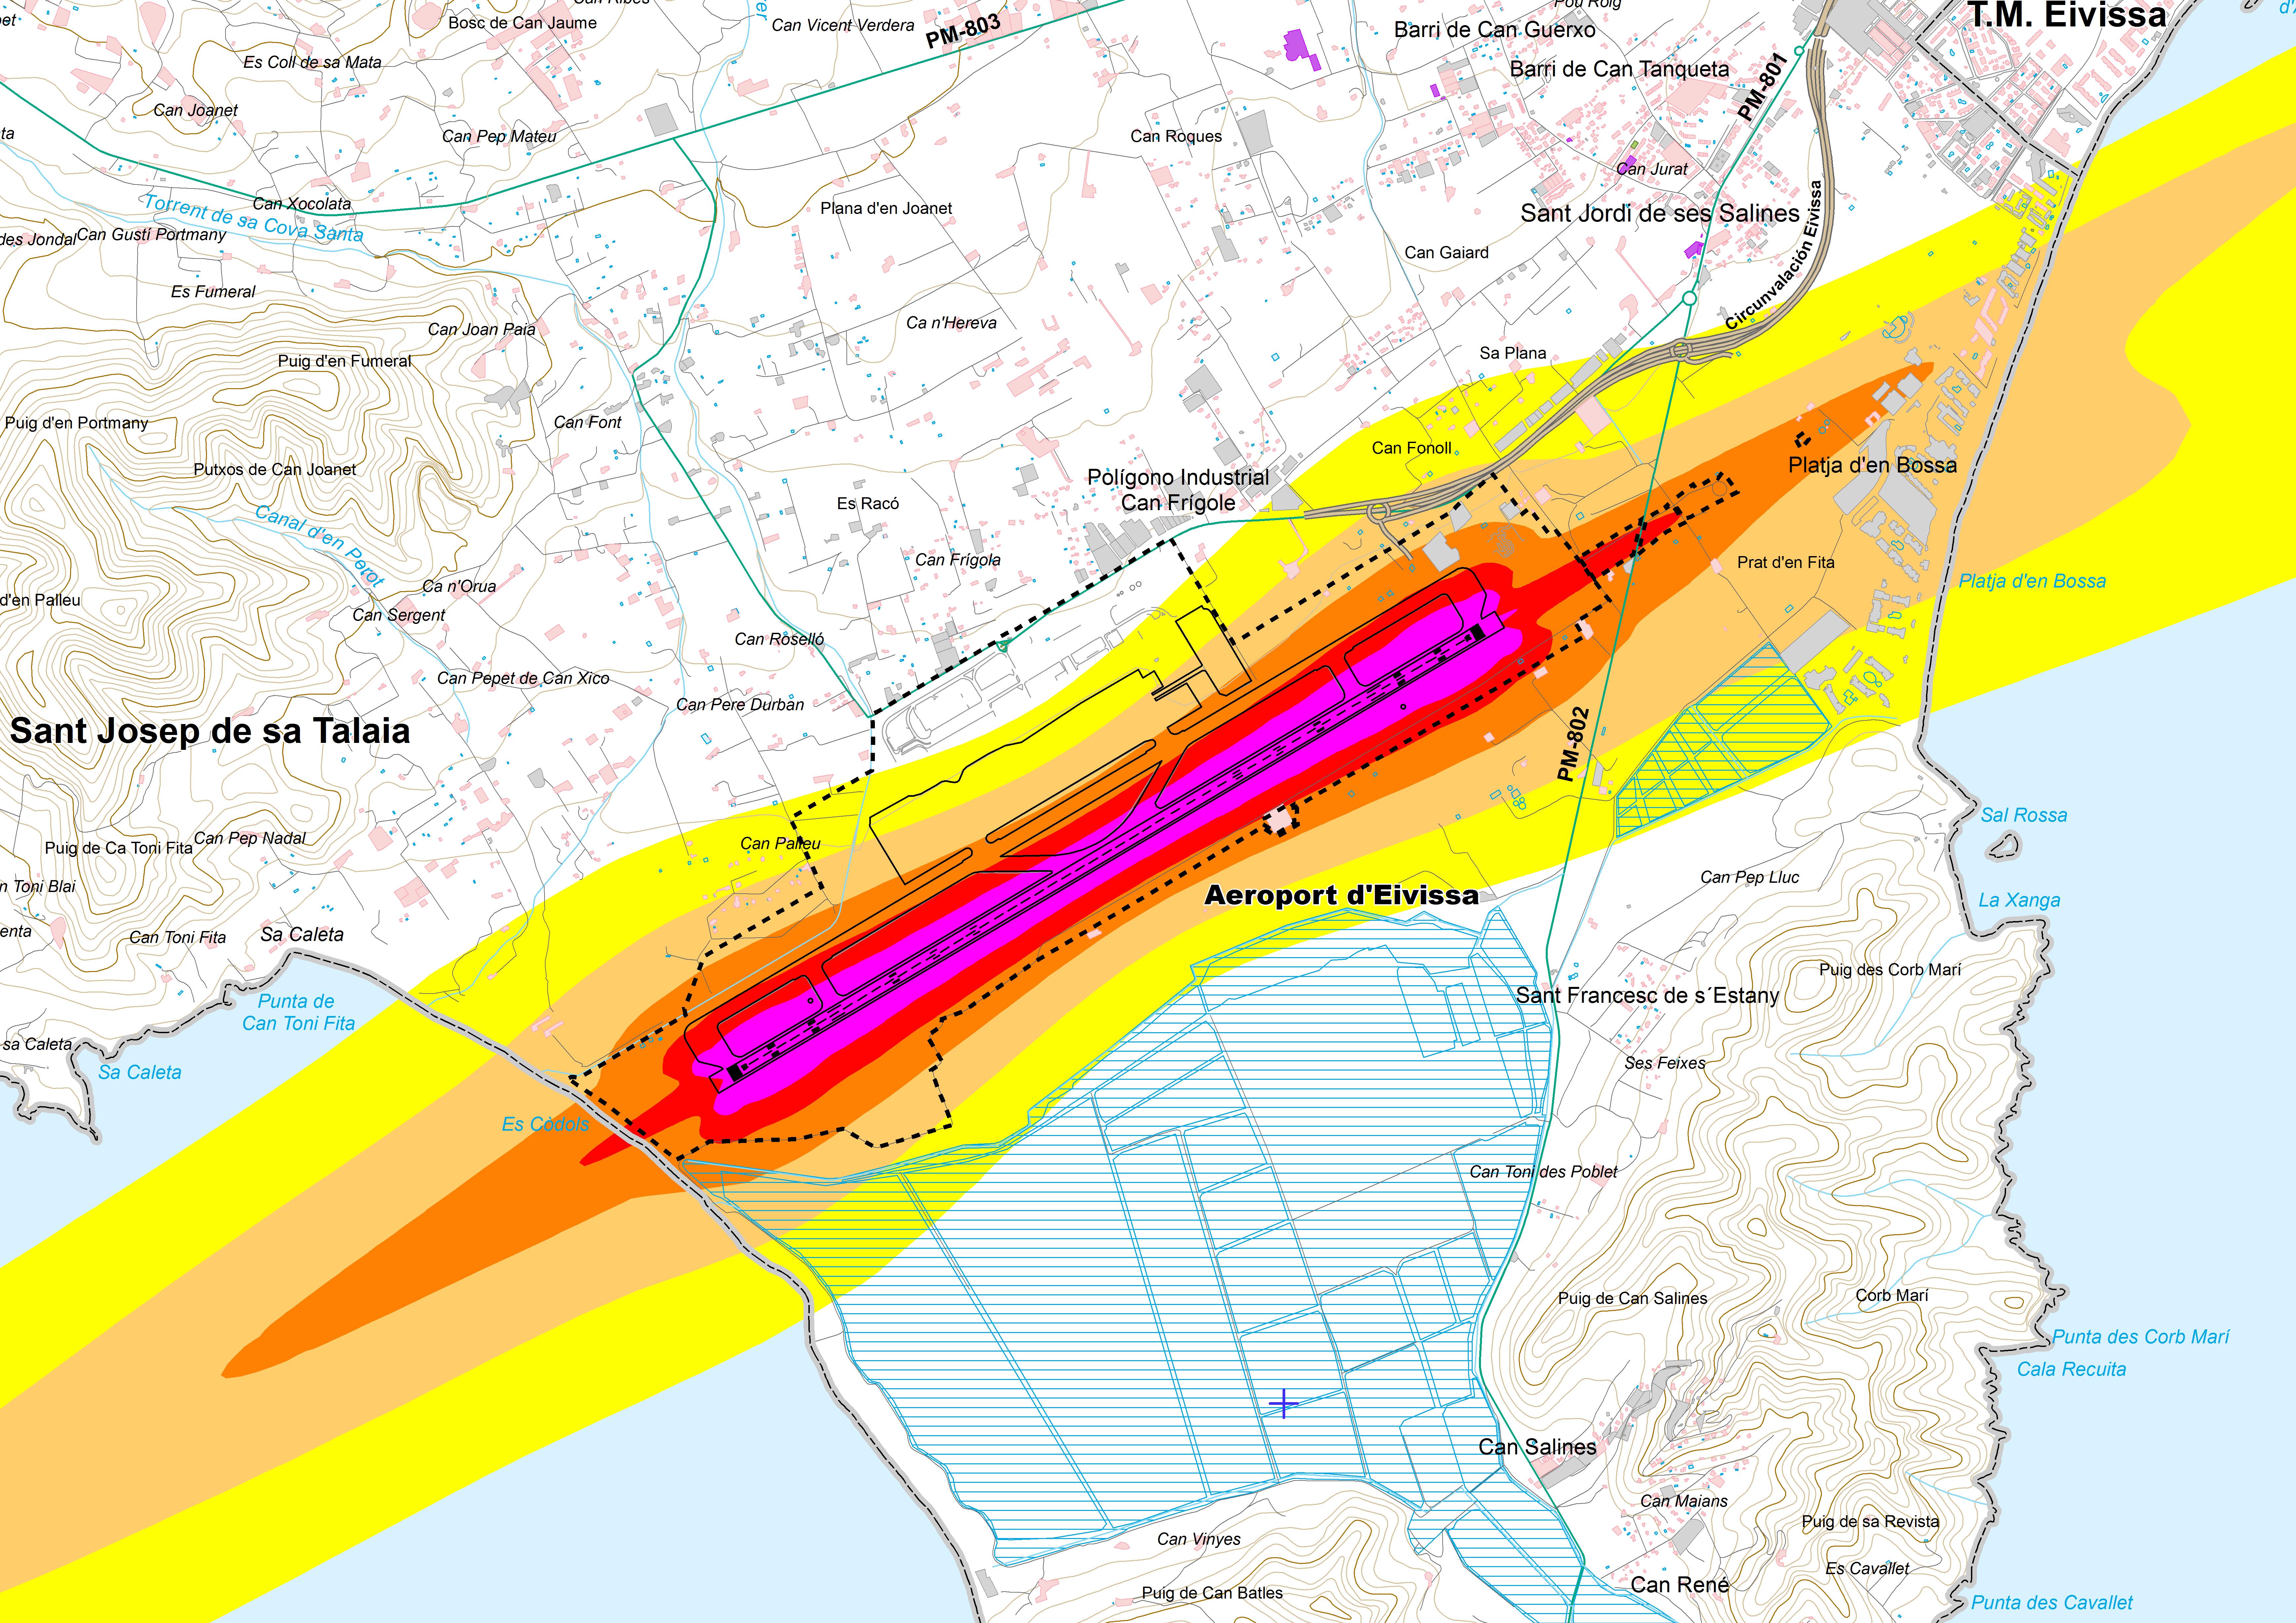 Evaluación del Ruido y Contaminación Atmosférica en Aeropuertos